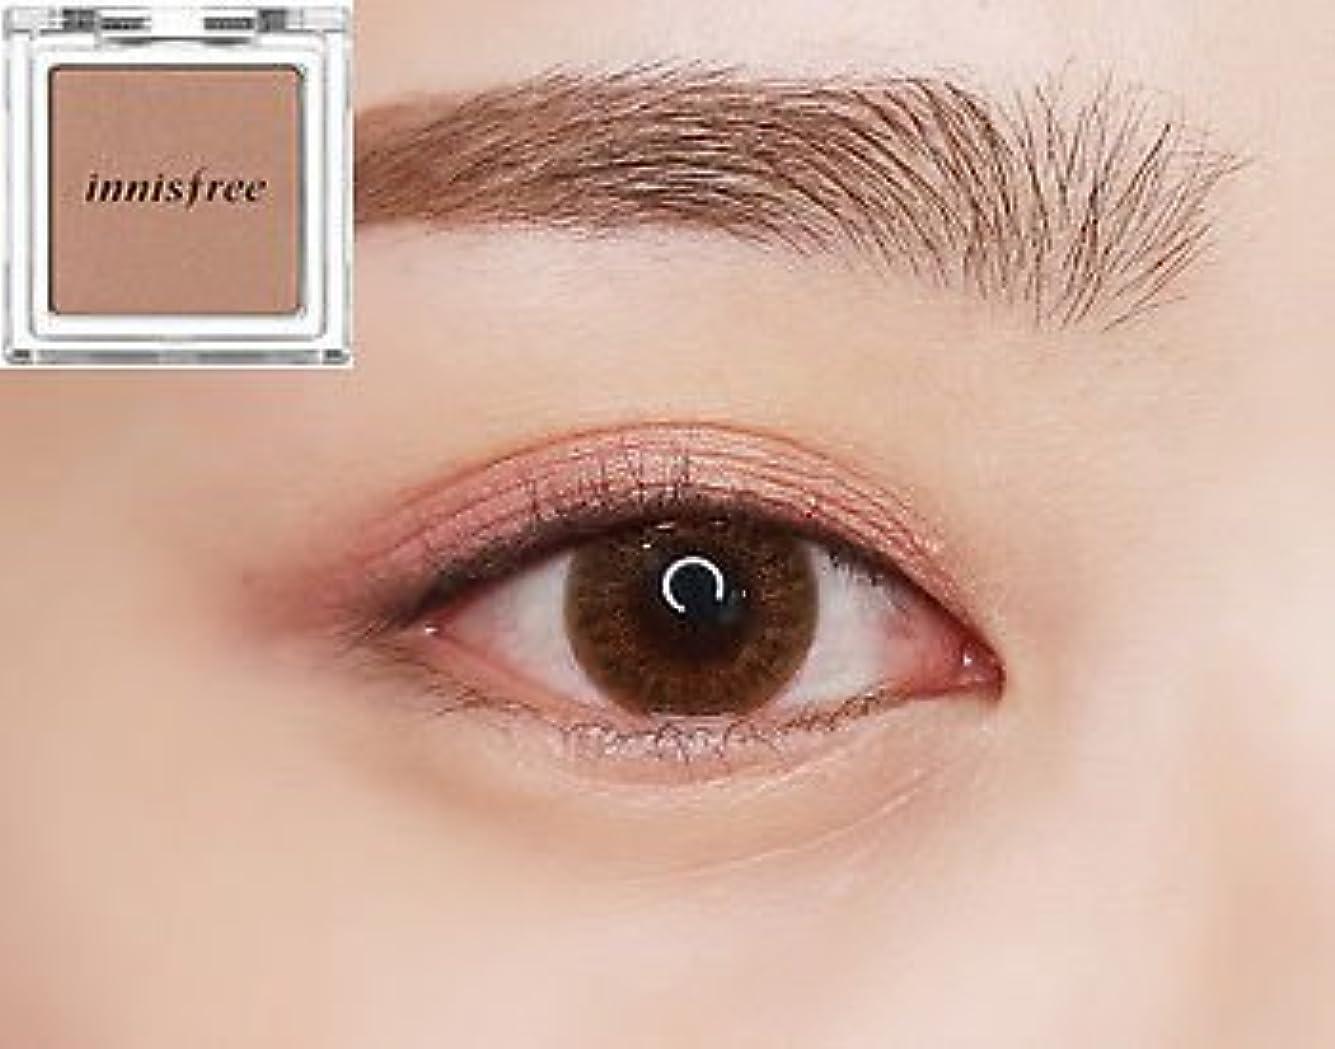 眠っているジェスチャー狂った[イニスフリー] innisfree [マイ パレット マイ アイシャドウ (シマ一) 39カラー] MY PALETTE My Eyeshadow (Shimmer) 39 Shades [海外直送品] (シマ一 #06)